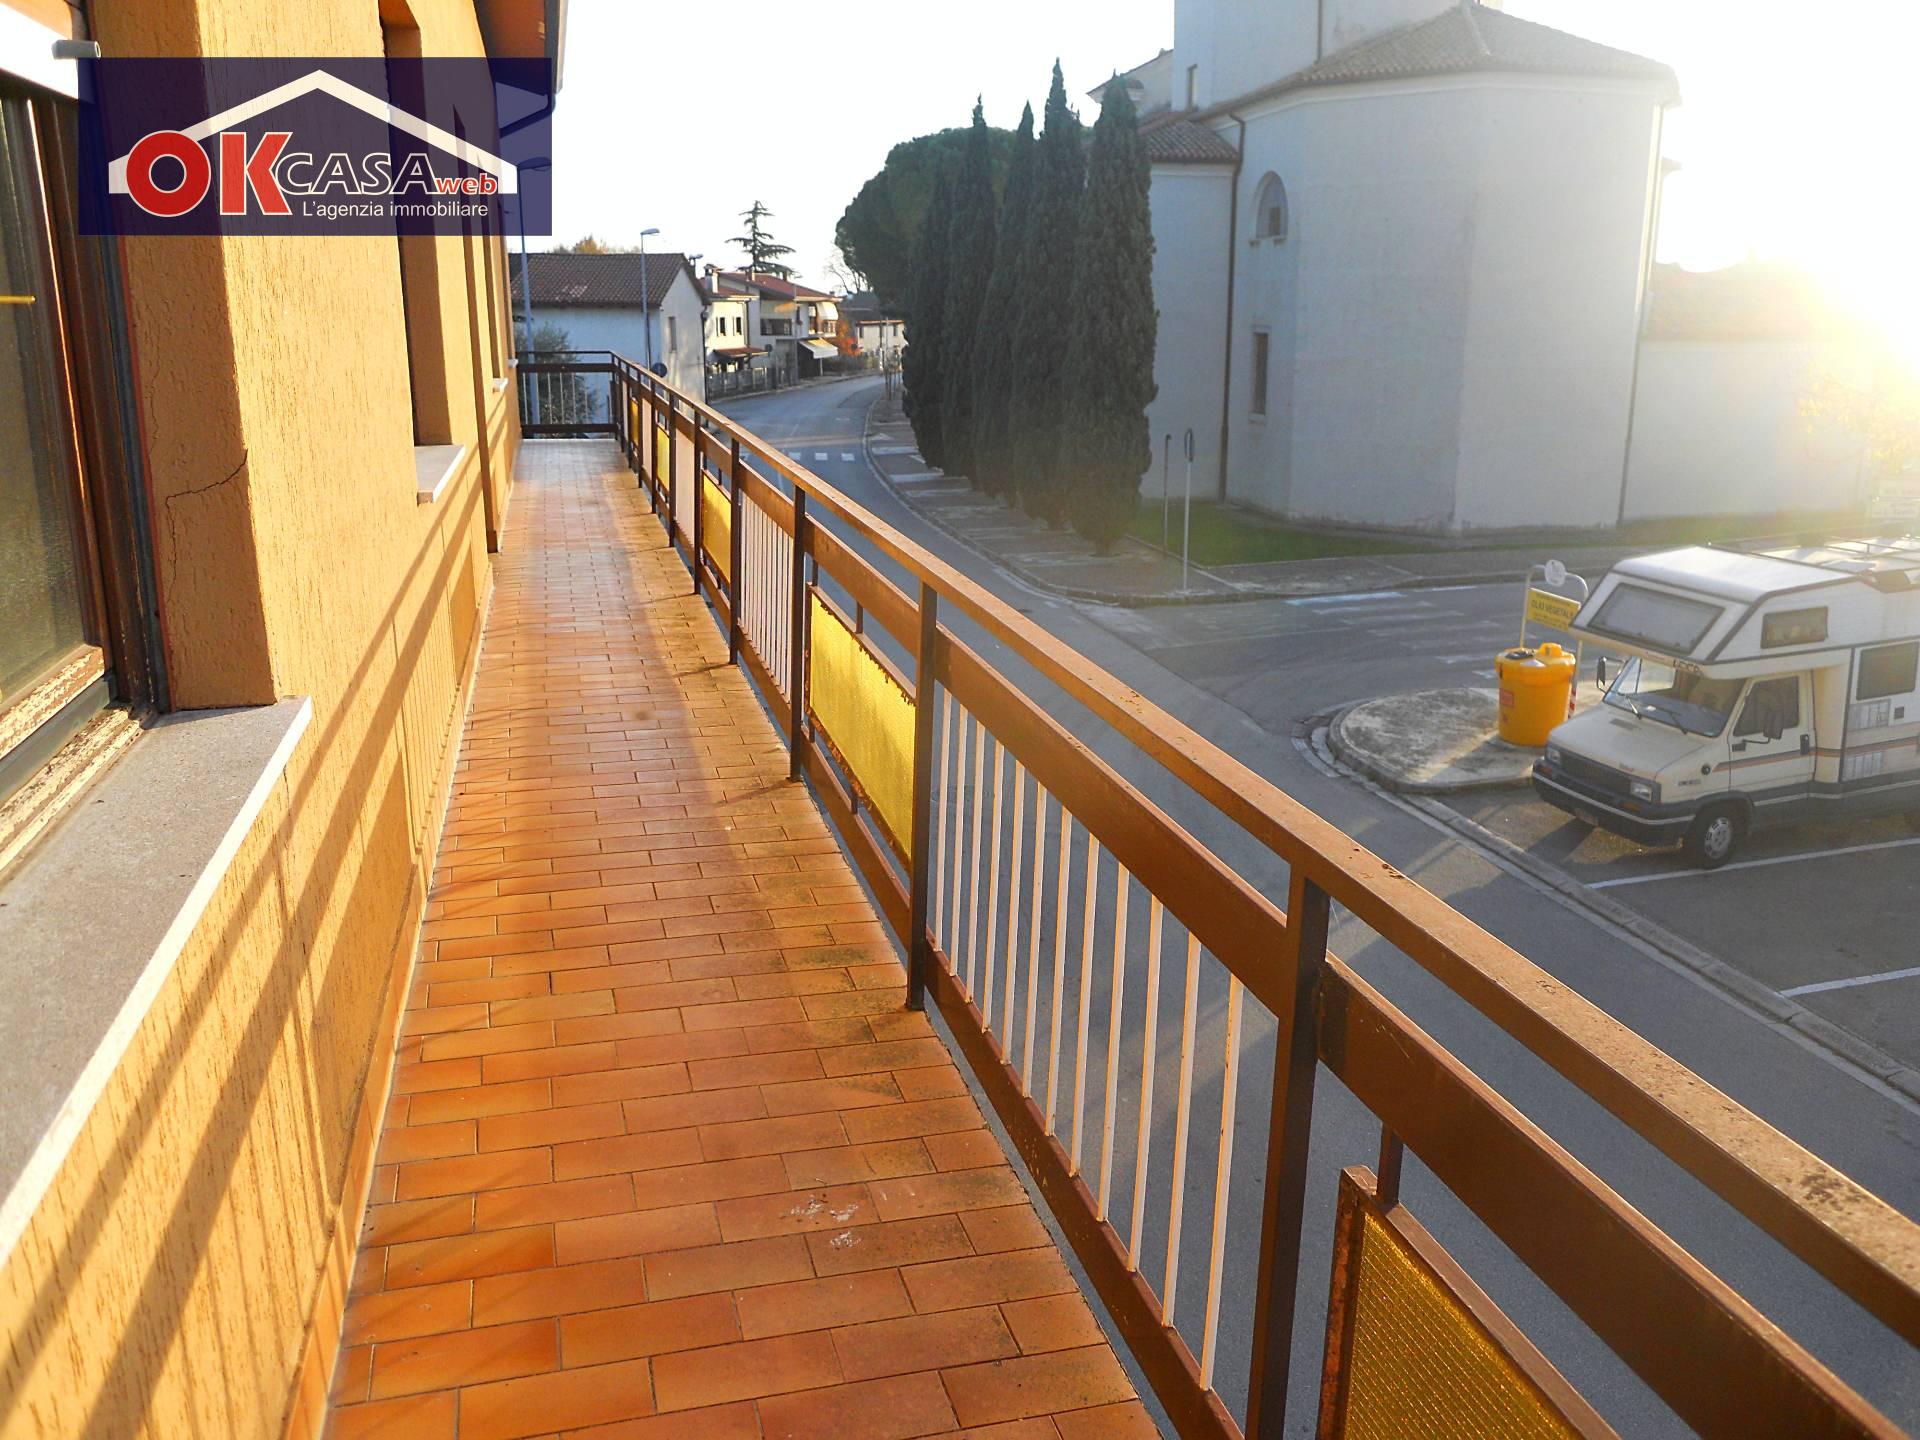 Palazzo / Stabile in vendita a San Canzian d'Isonzo, 15 locali, zona Zona: Begliano, prezzo € 170.000 | CambioCasa.it